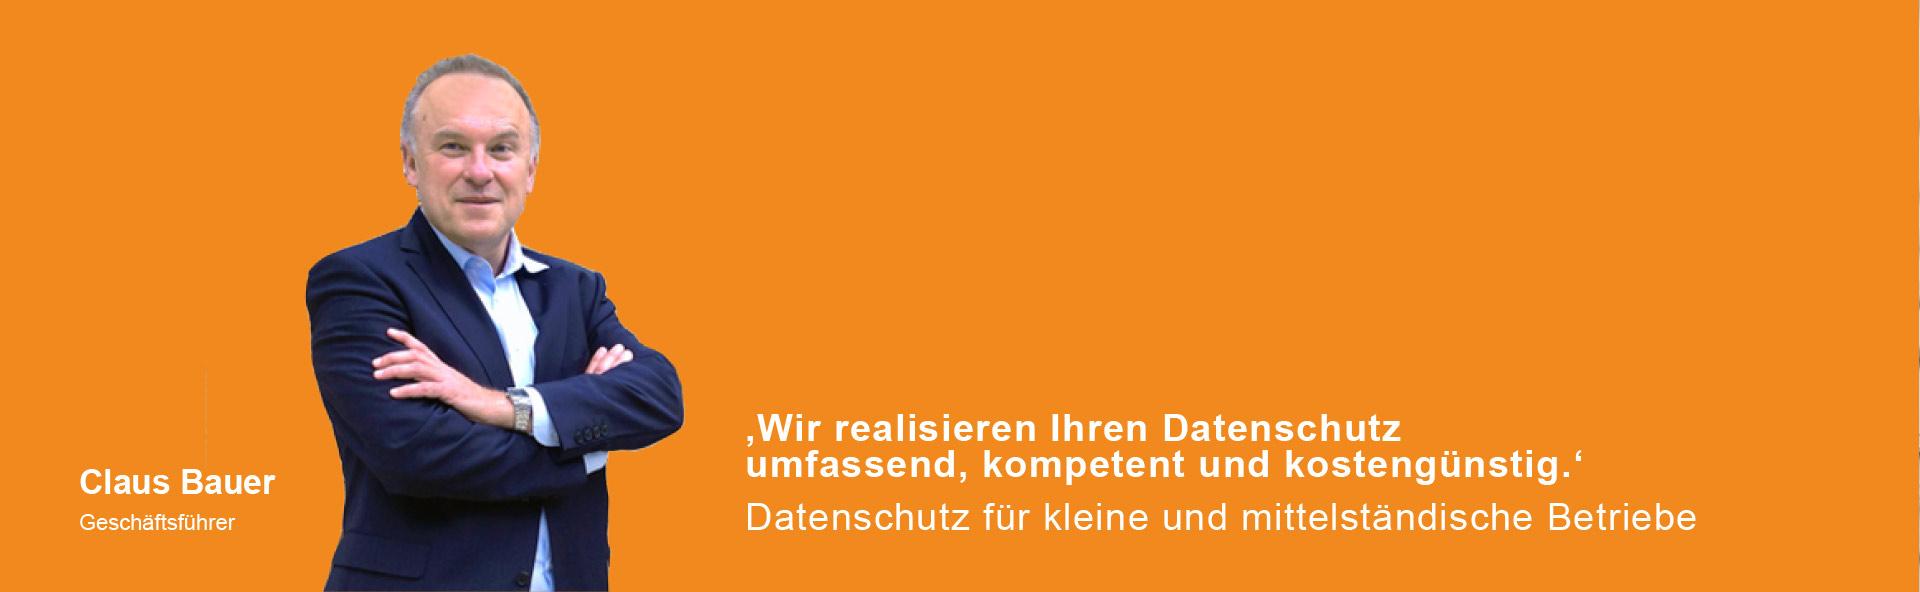 Datenschutz-Clau-Bauer